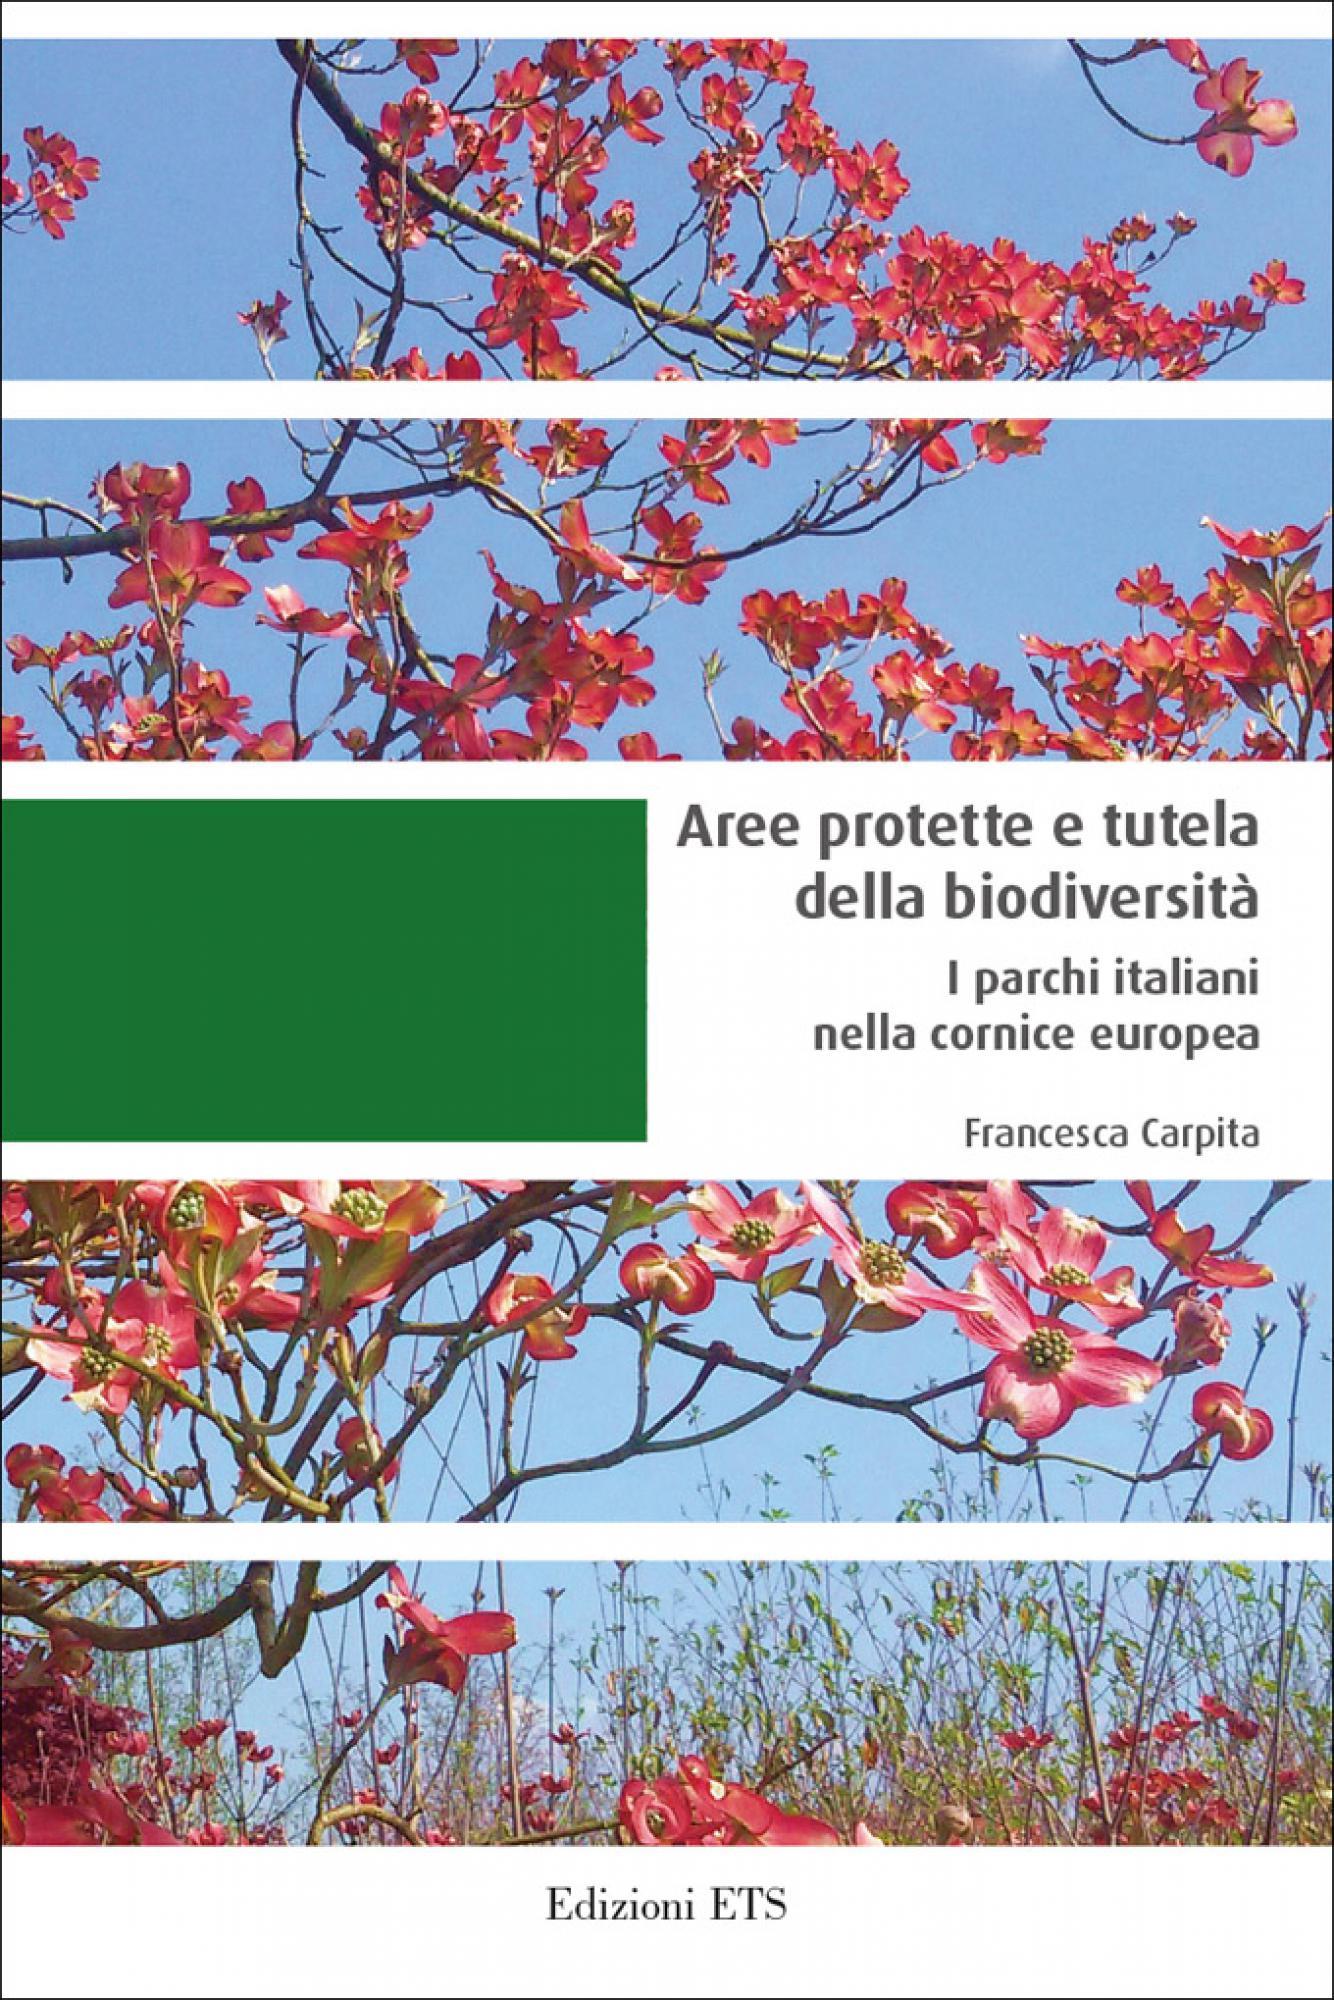 Aree protette e tutela della biodiversità.I parchi italiani nella cornice europea